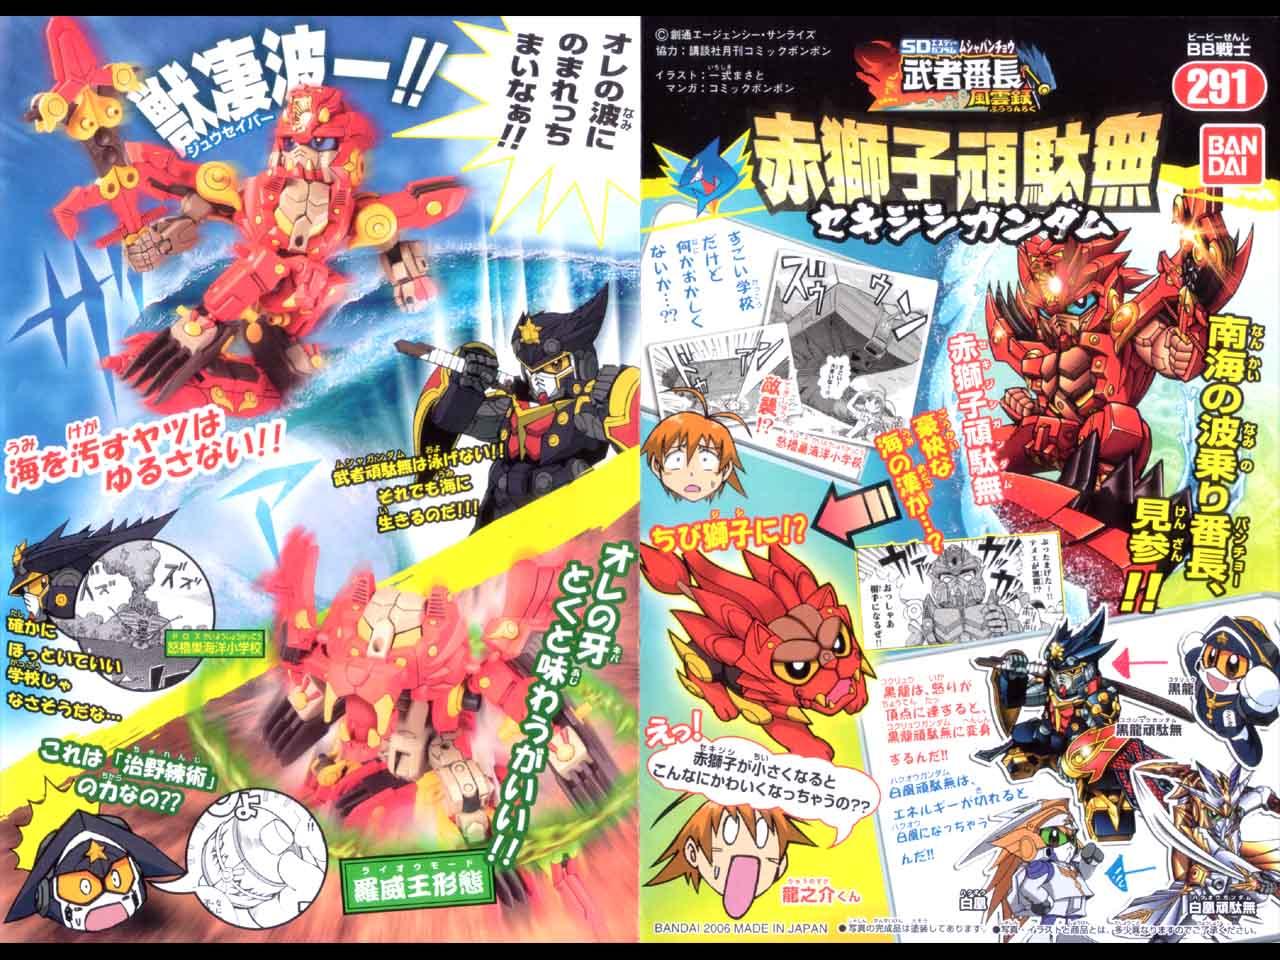 BB291_Sekijishi_Gundam_05.jpg